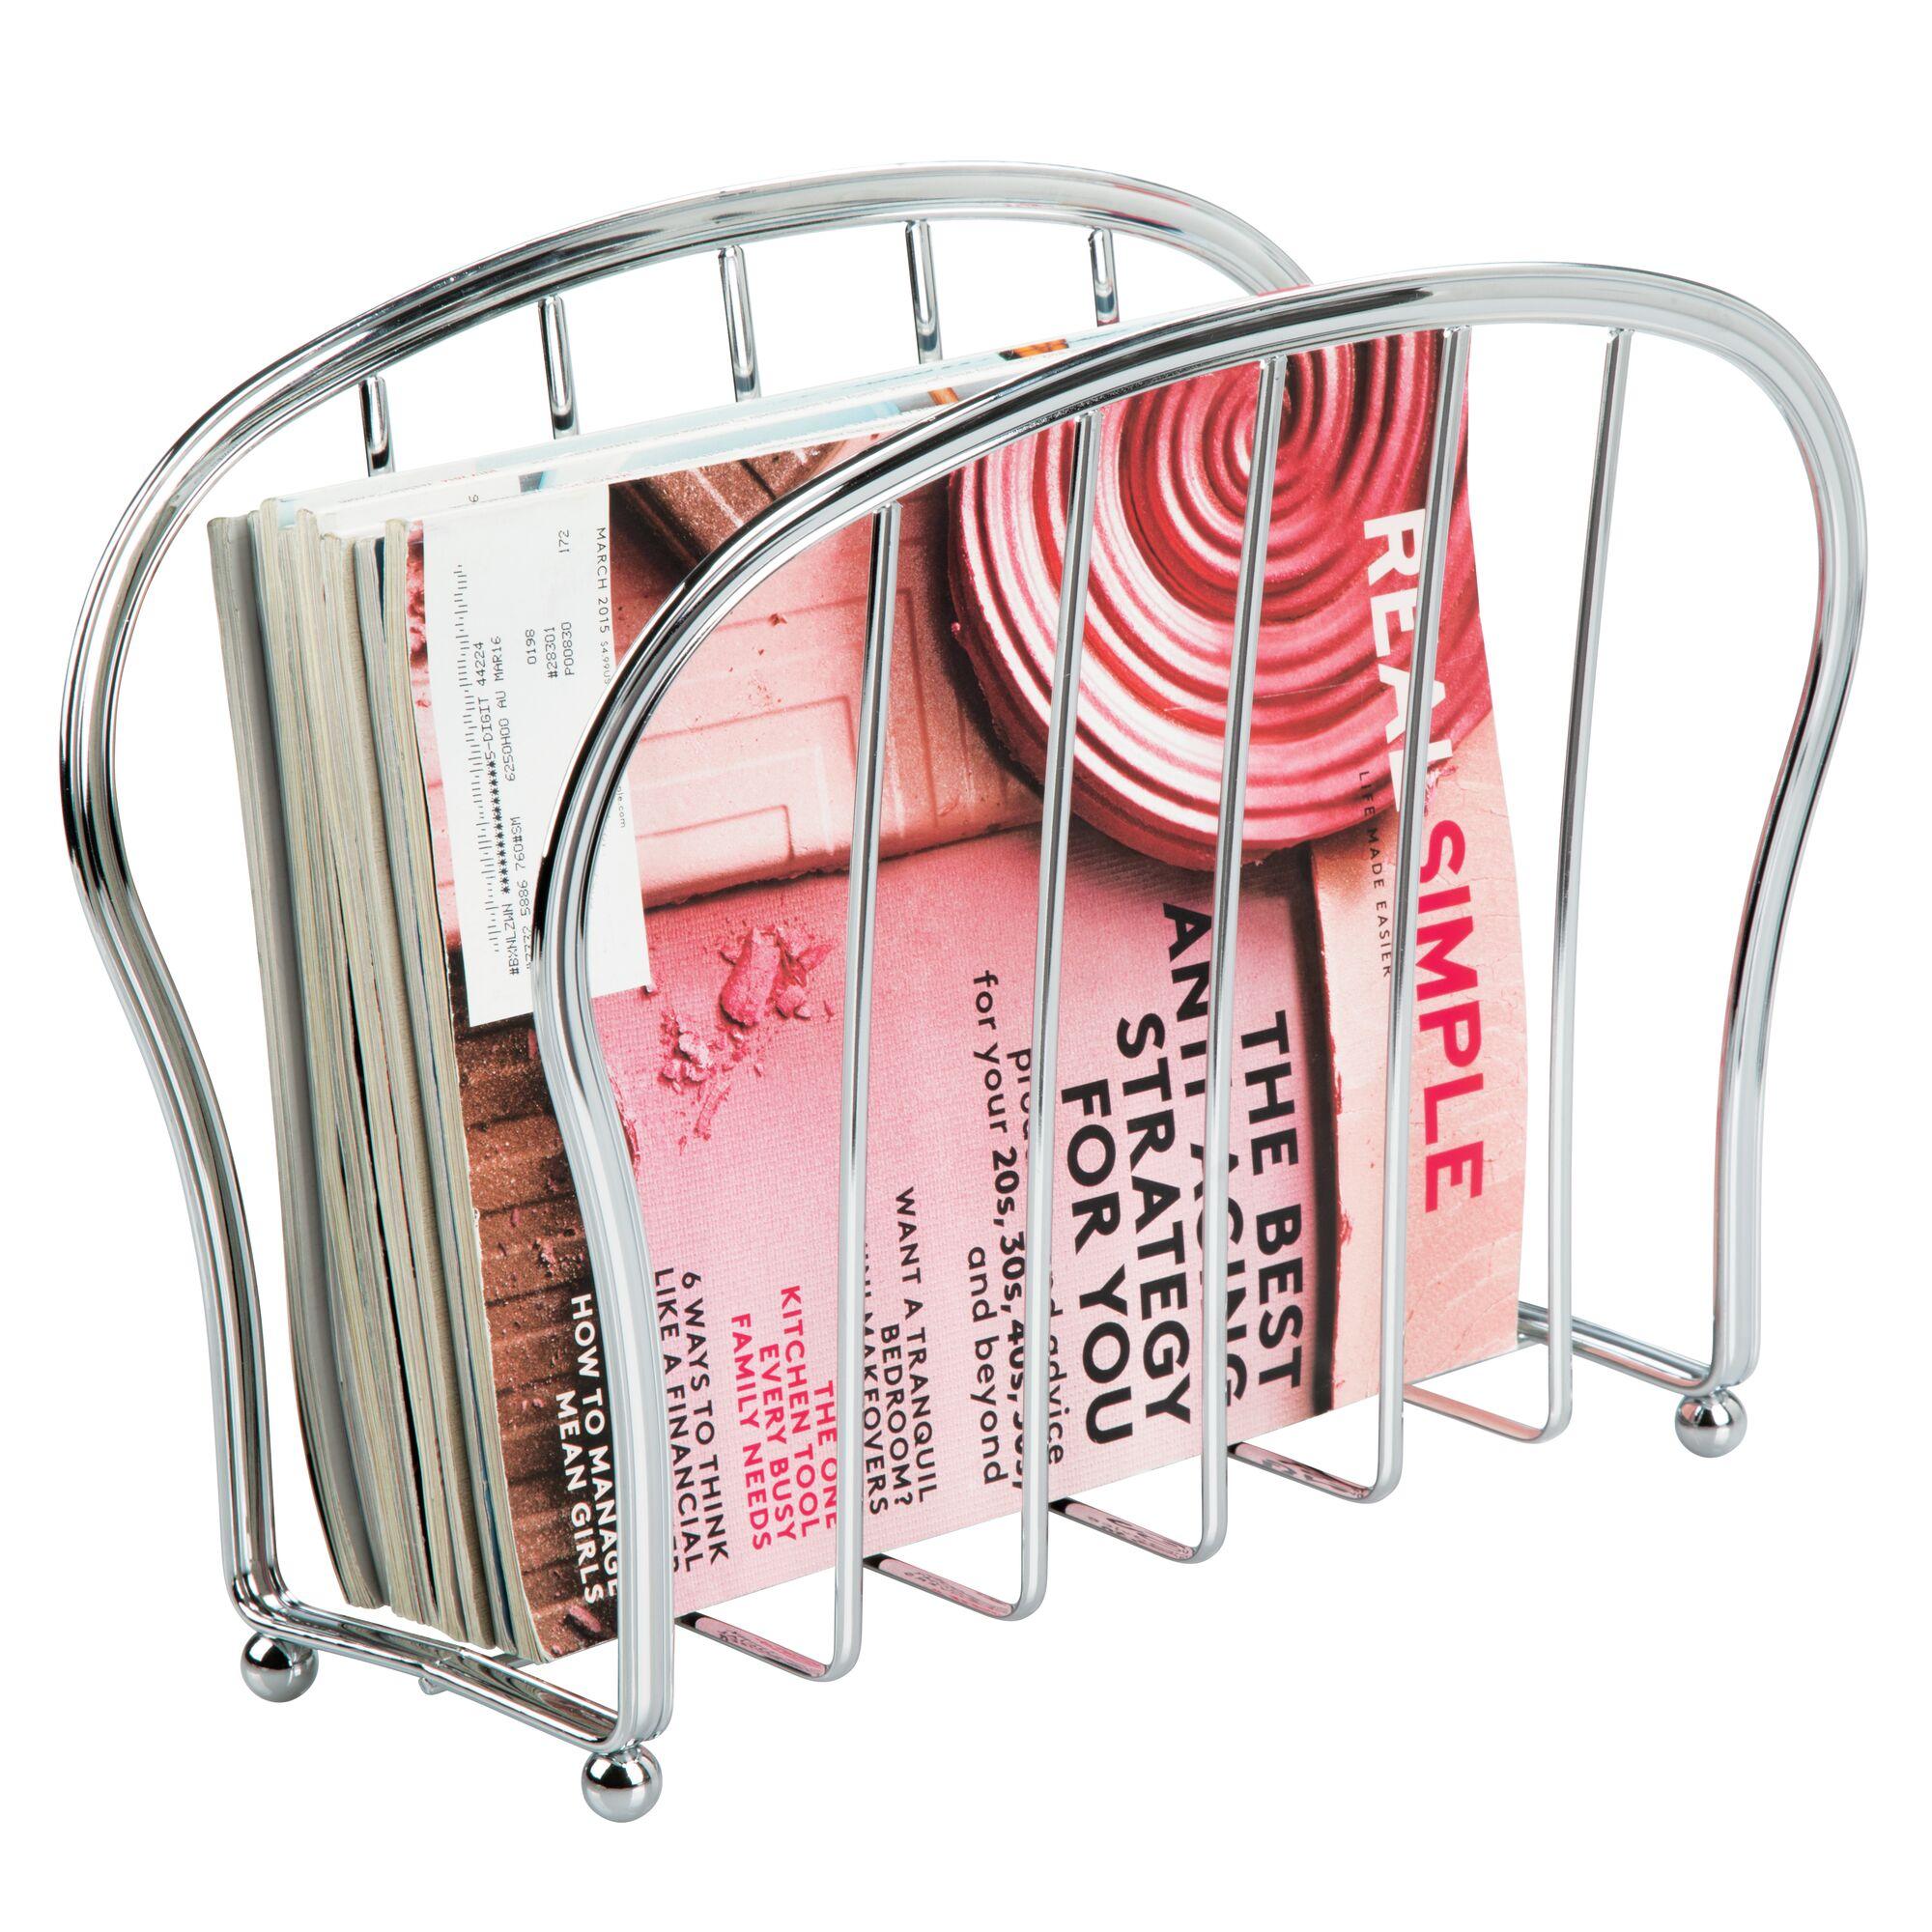 mDesign-Metal-Standing-Rack-Magazine-Holder-for-Bathroom thumbnail 33